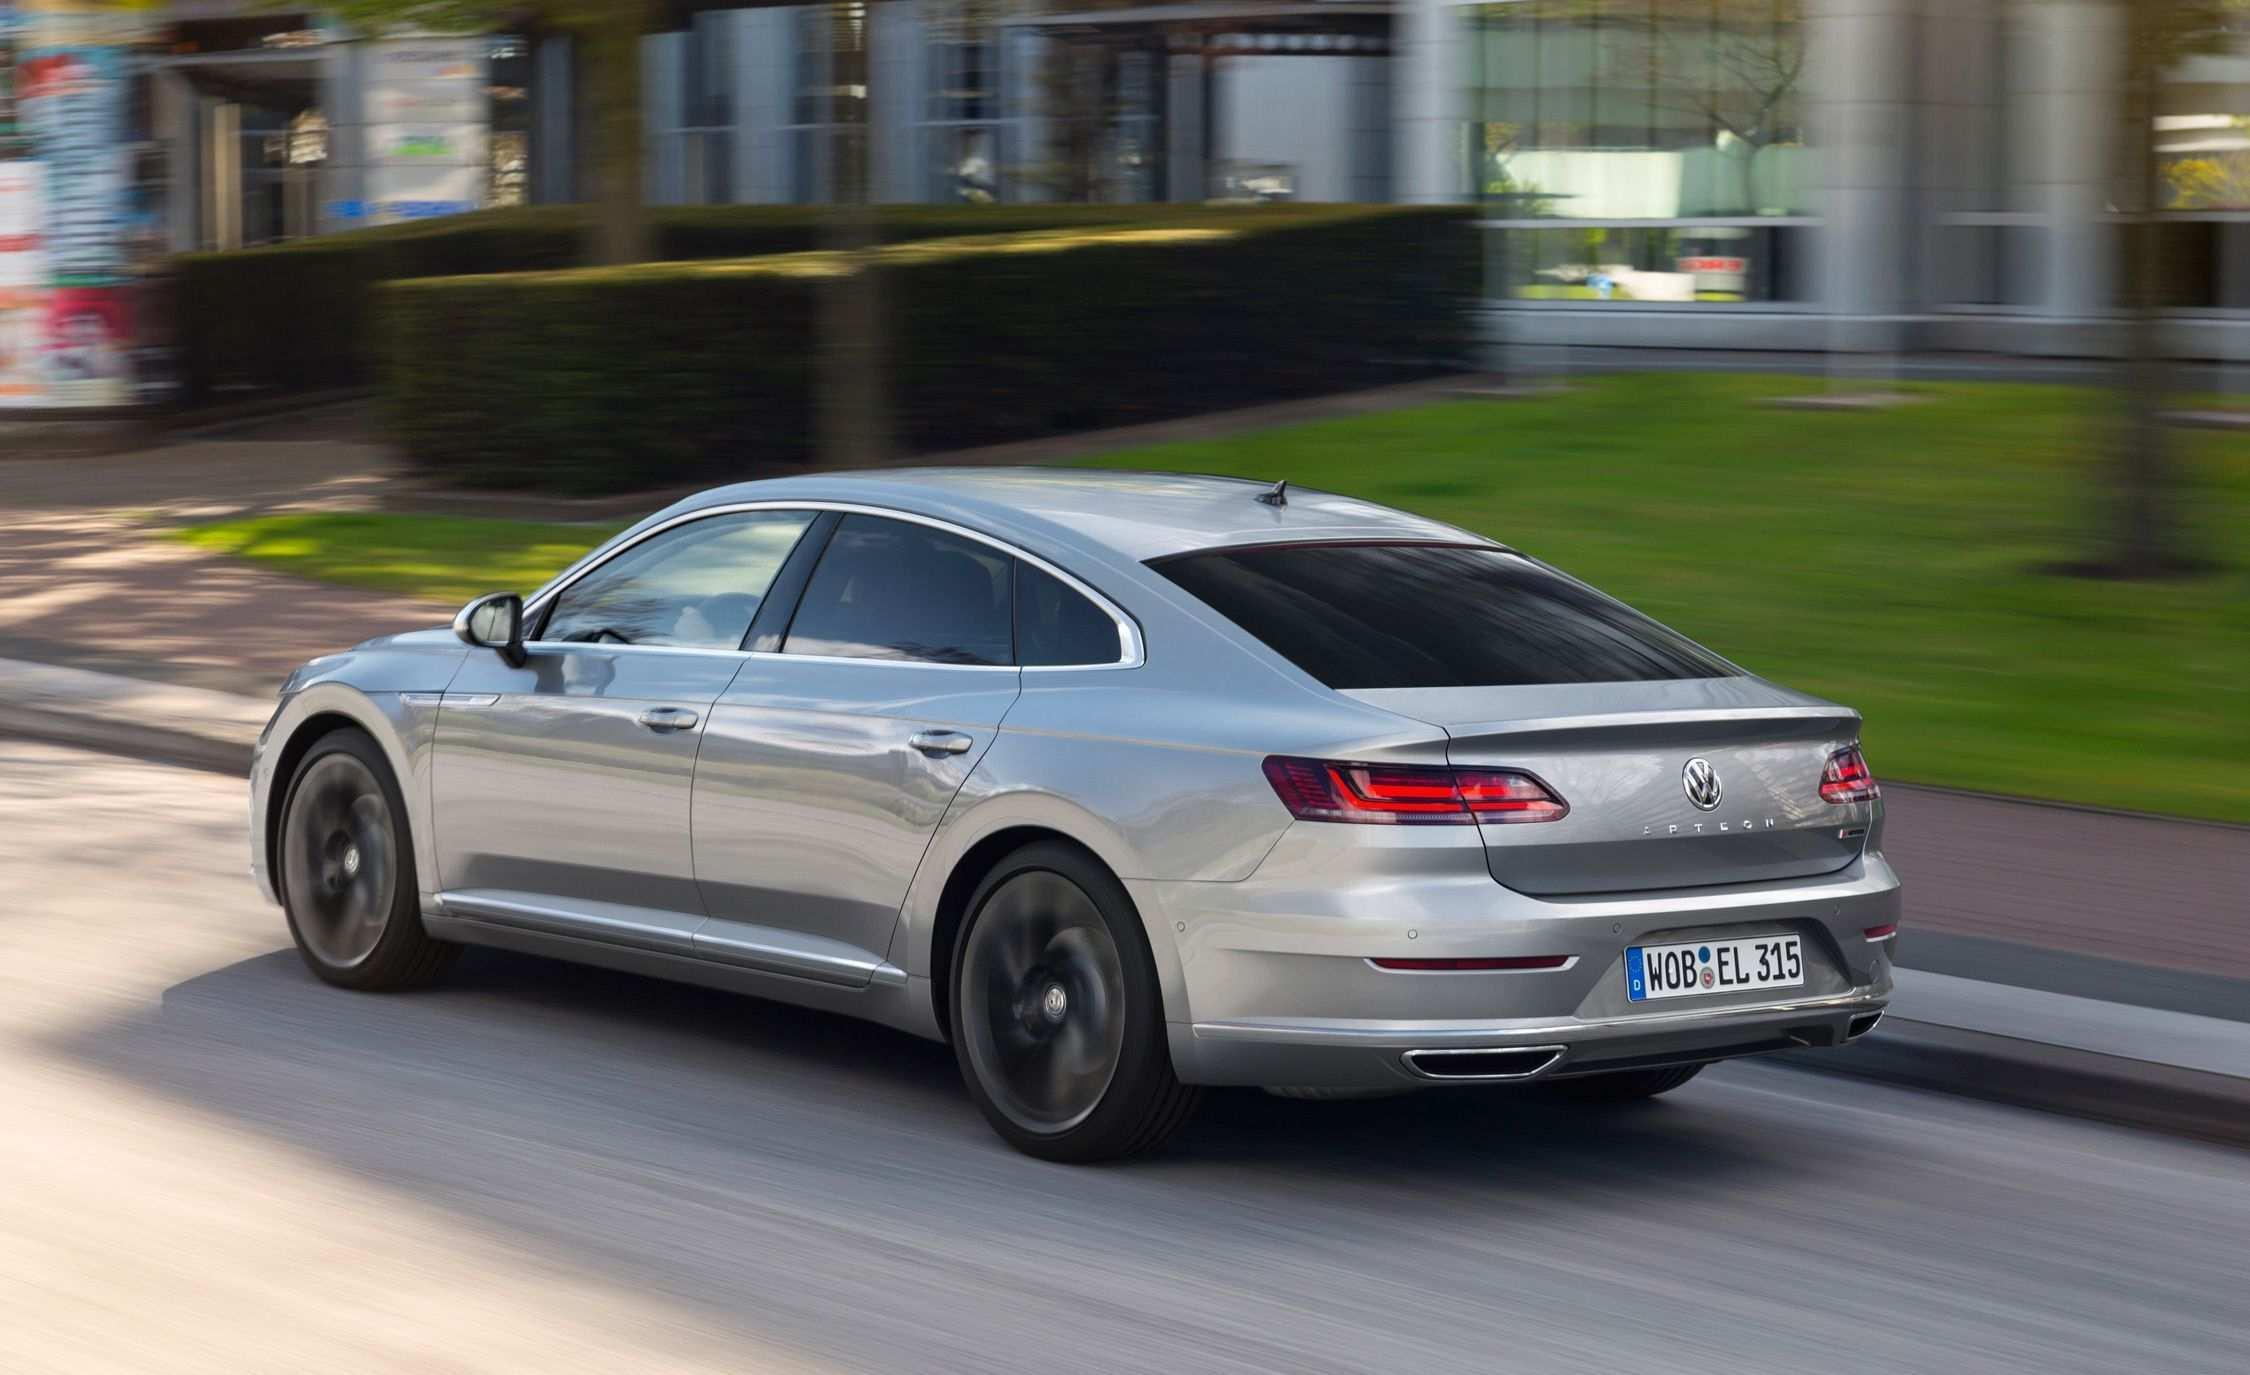 46 New 2019 Volkswagen Arteon Release Date Spesification for 2019 Volkswagen Arteon Release Date